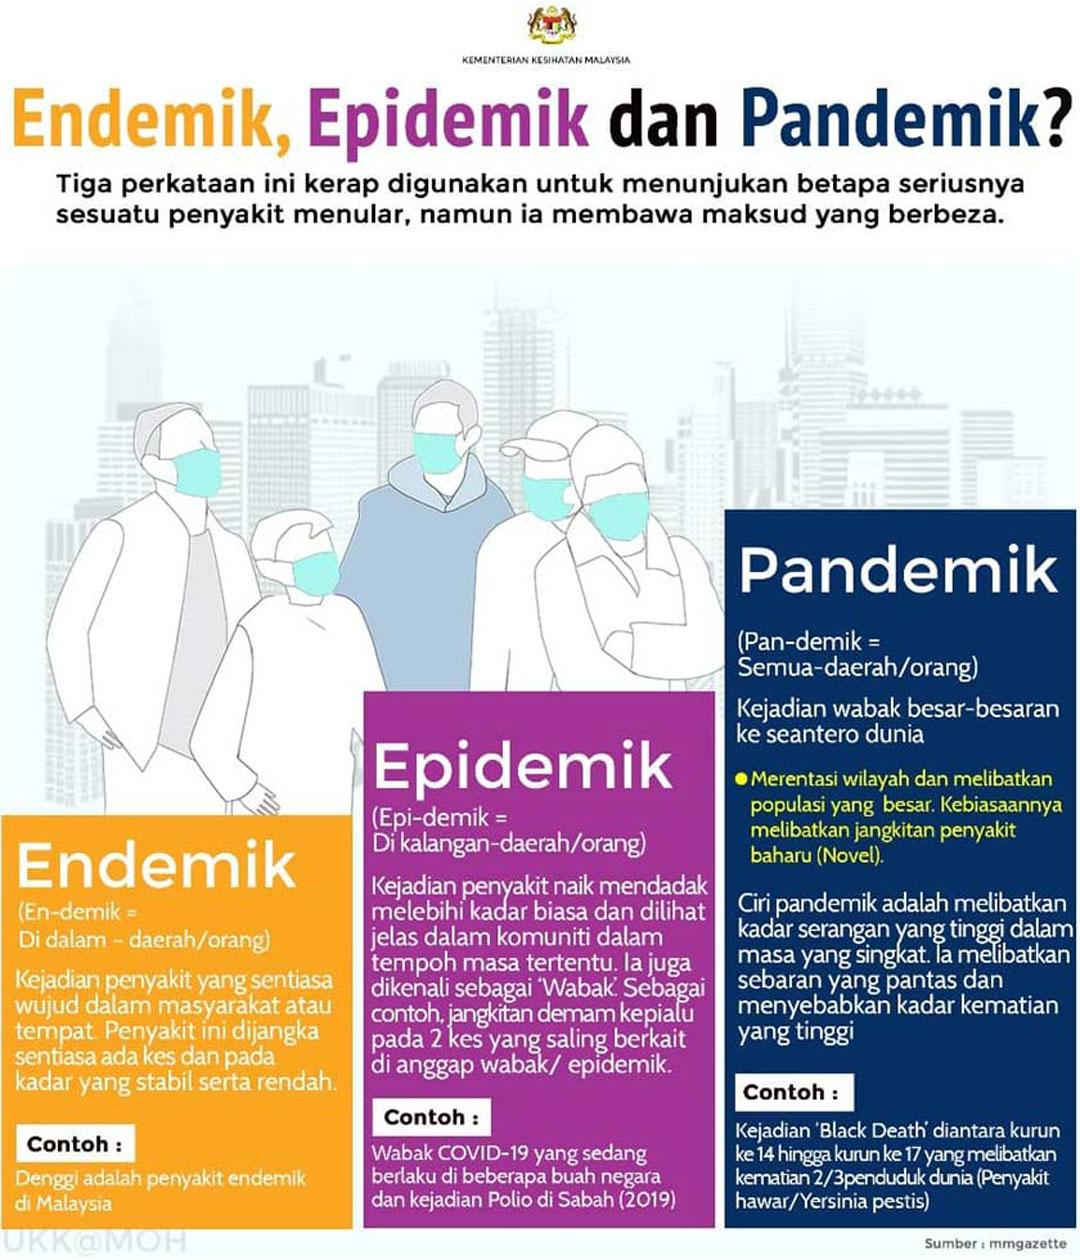 Pandemik, Epidemik dan Endemik